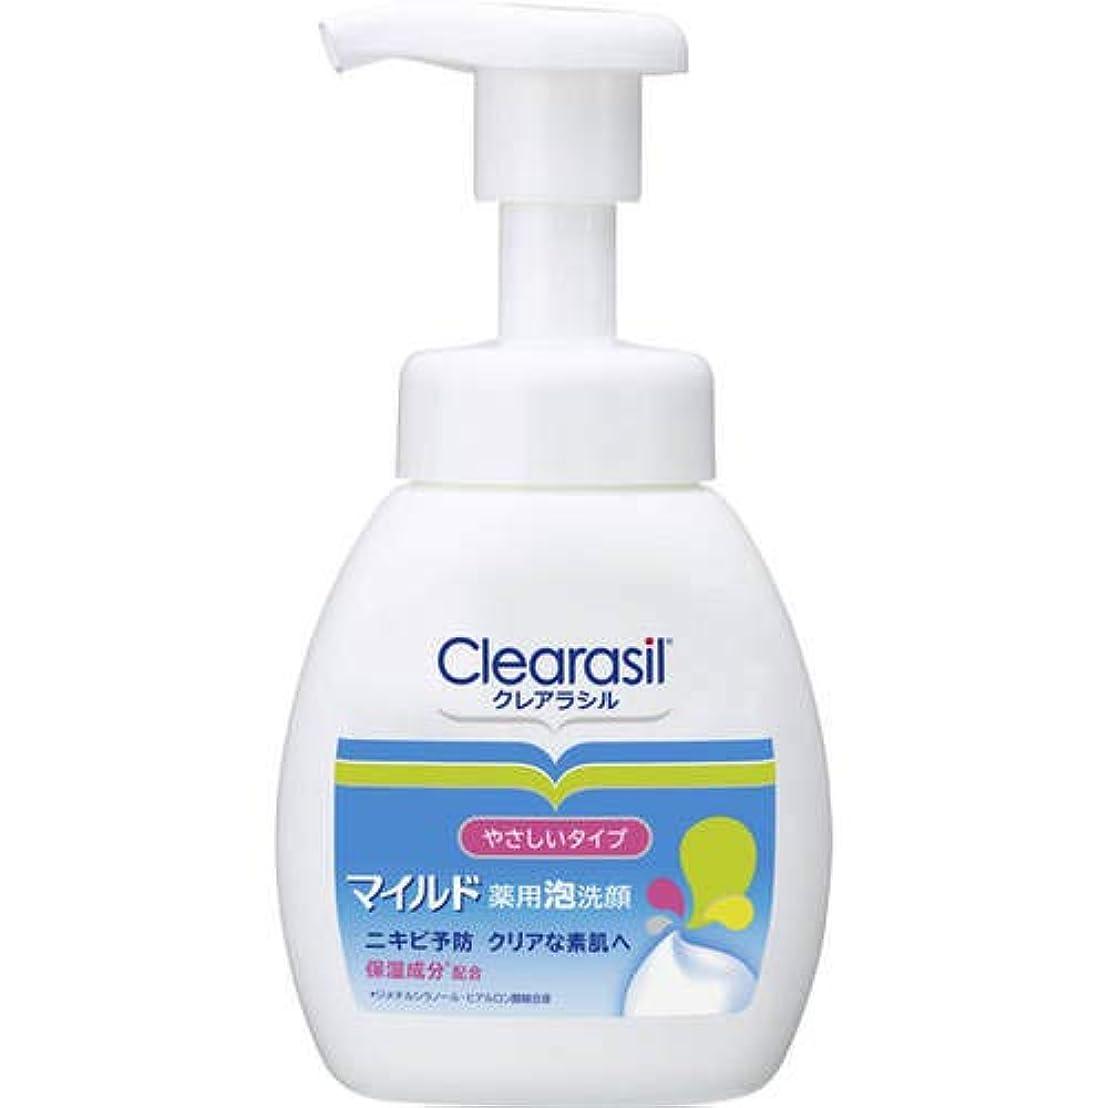 逆さまに偏差創造クレアラシル 薬用 泡洗顔フォーム マイルドタイプ 200ml